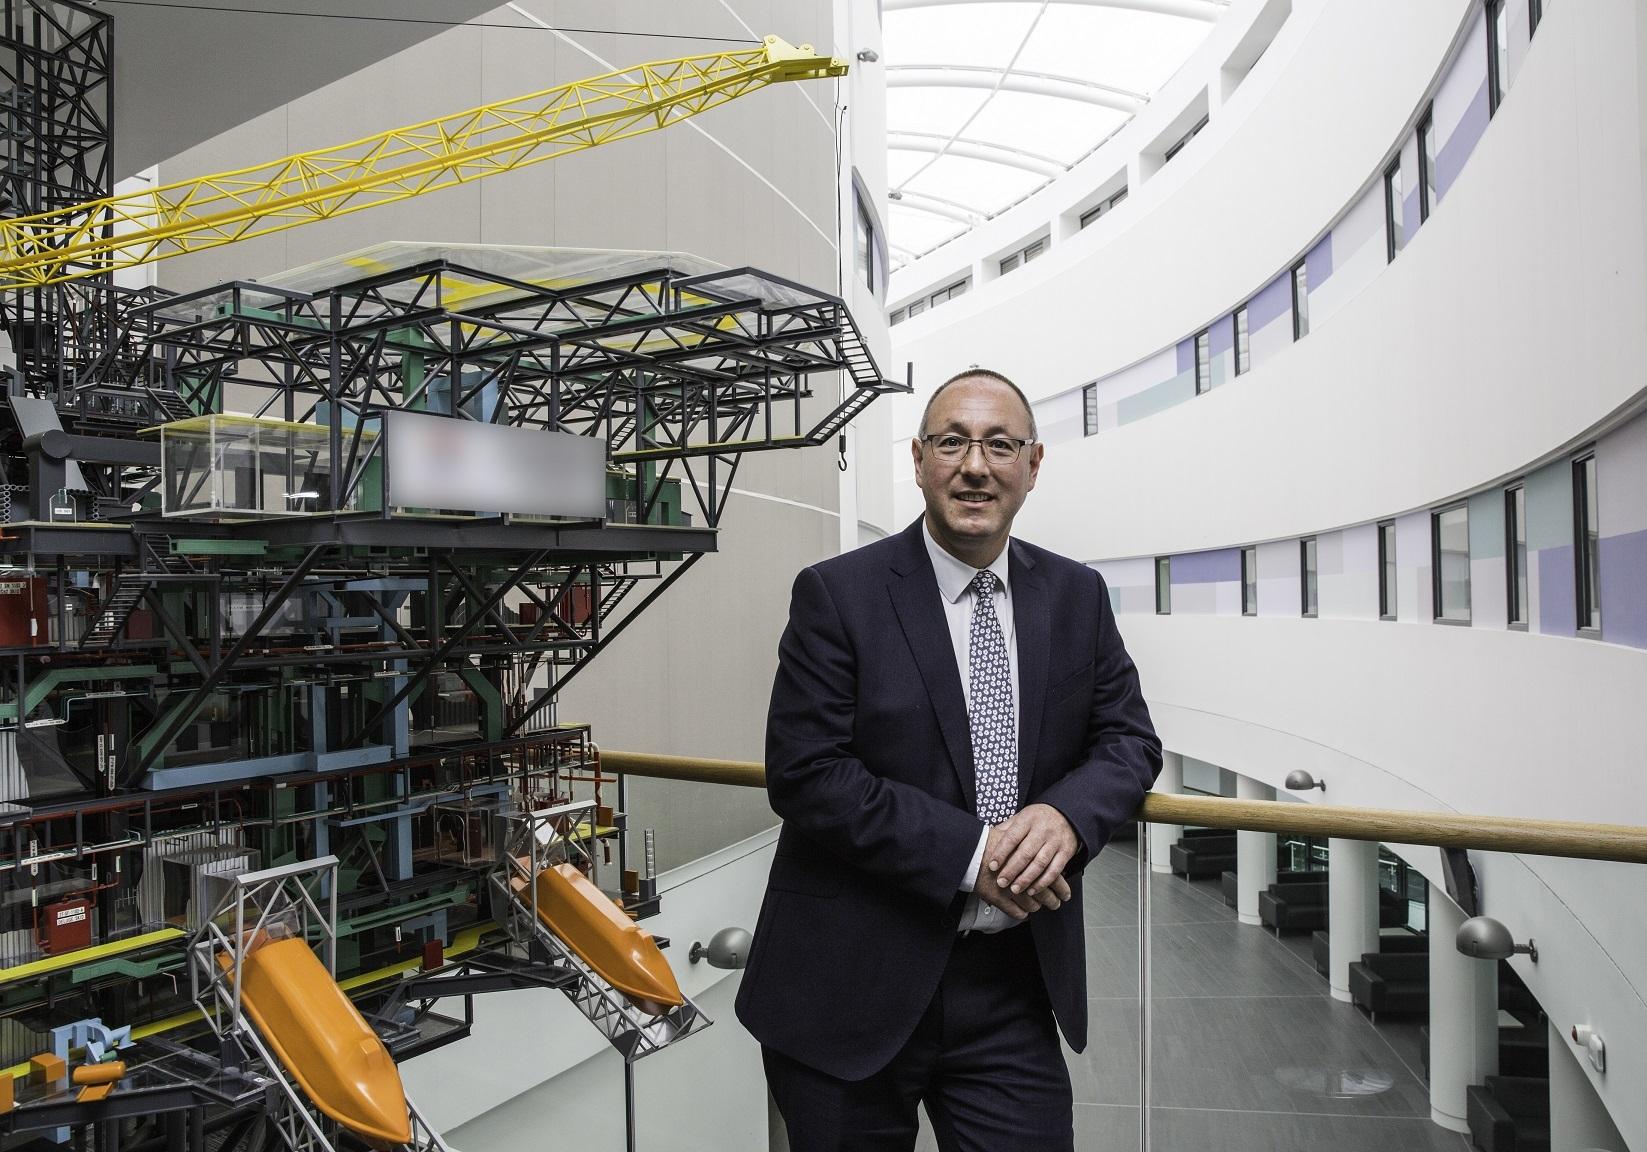 Professor Paul de Leeuw, director of RGU's oil and gas institute